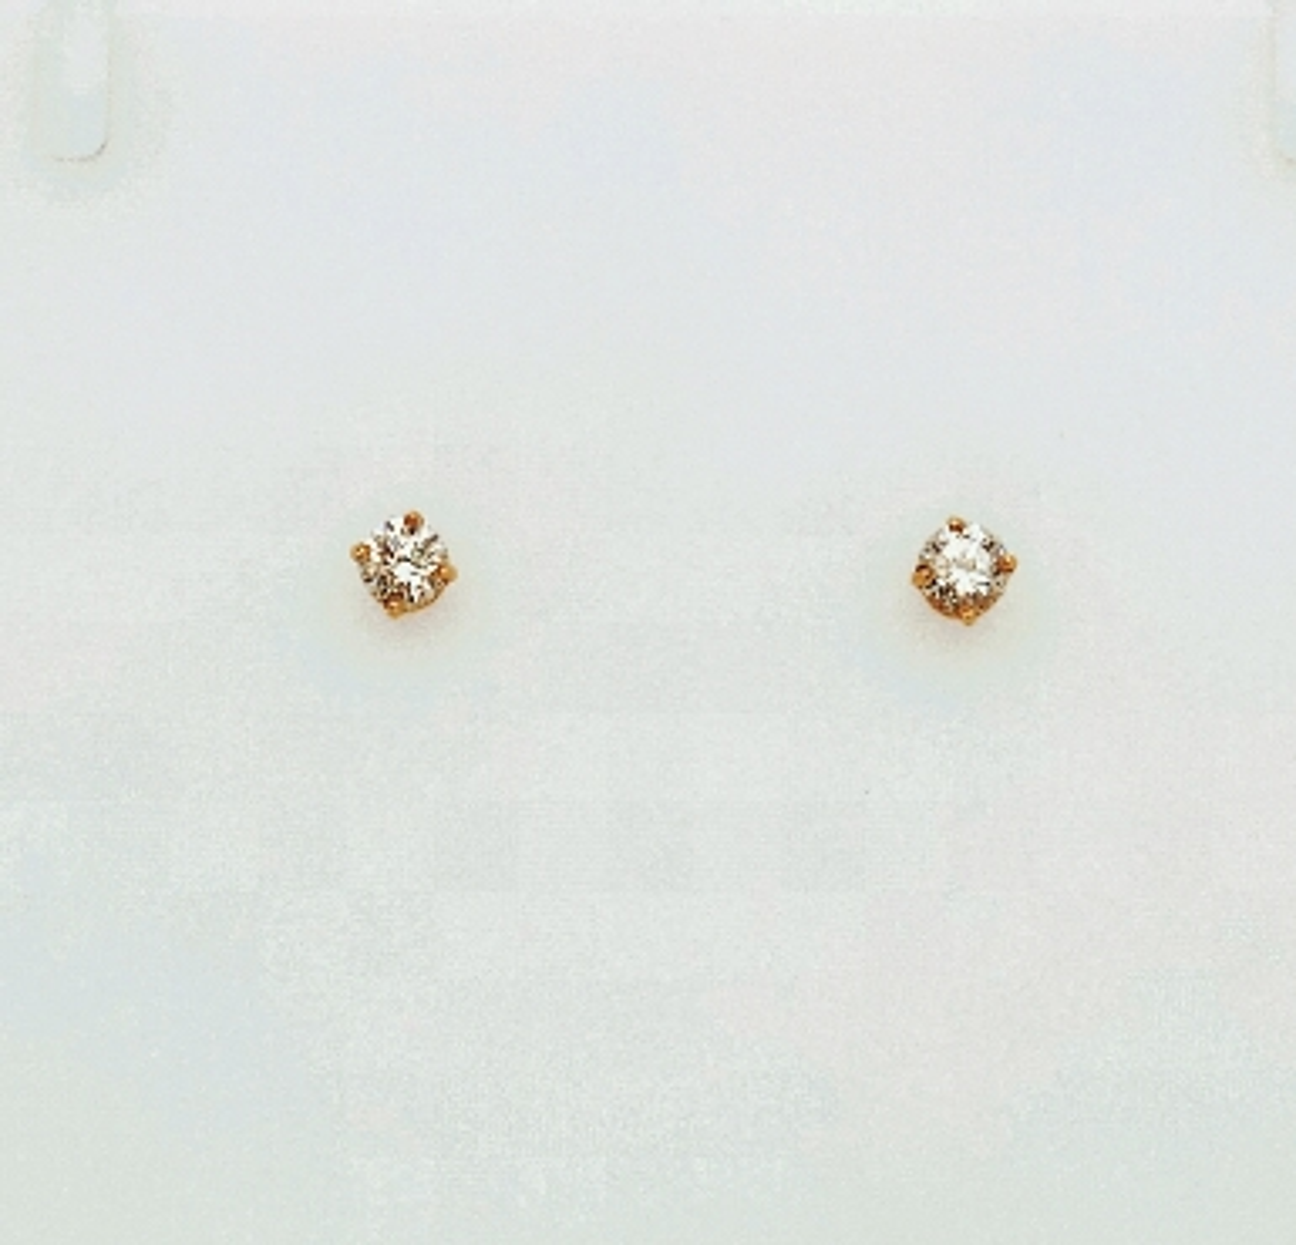 14k yg diamond studs w/gf backs. .50 tdw (B1)